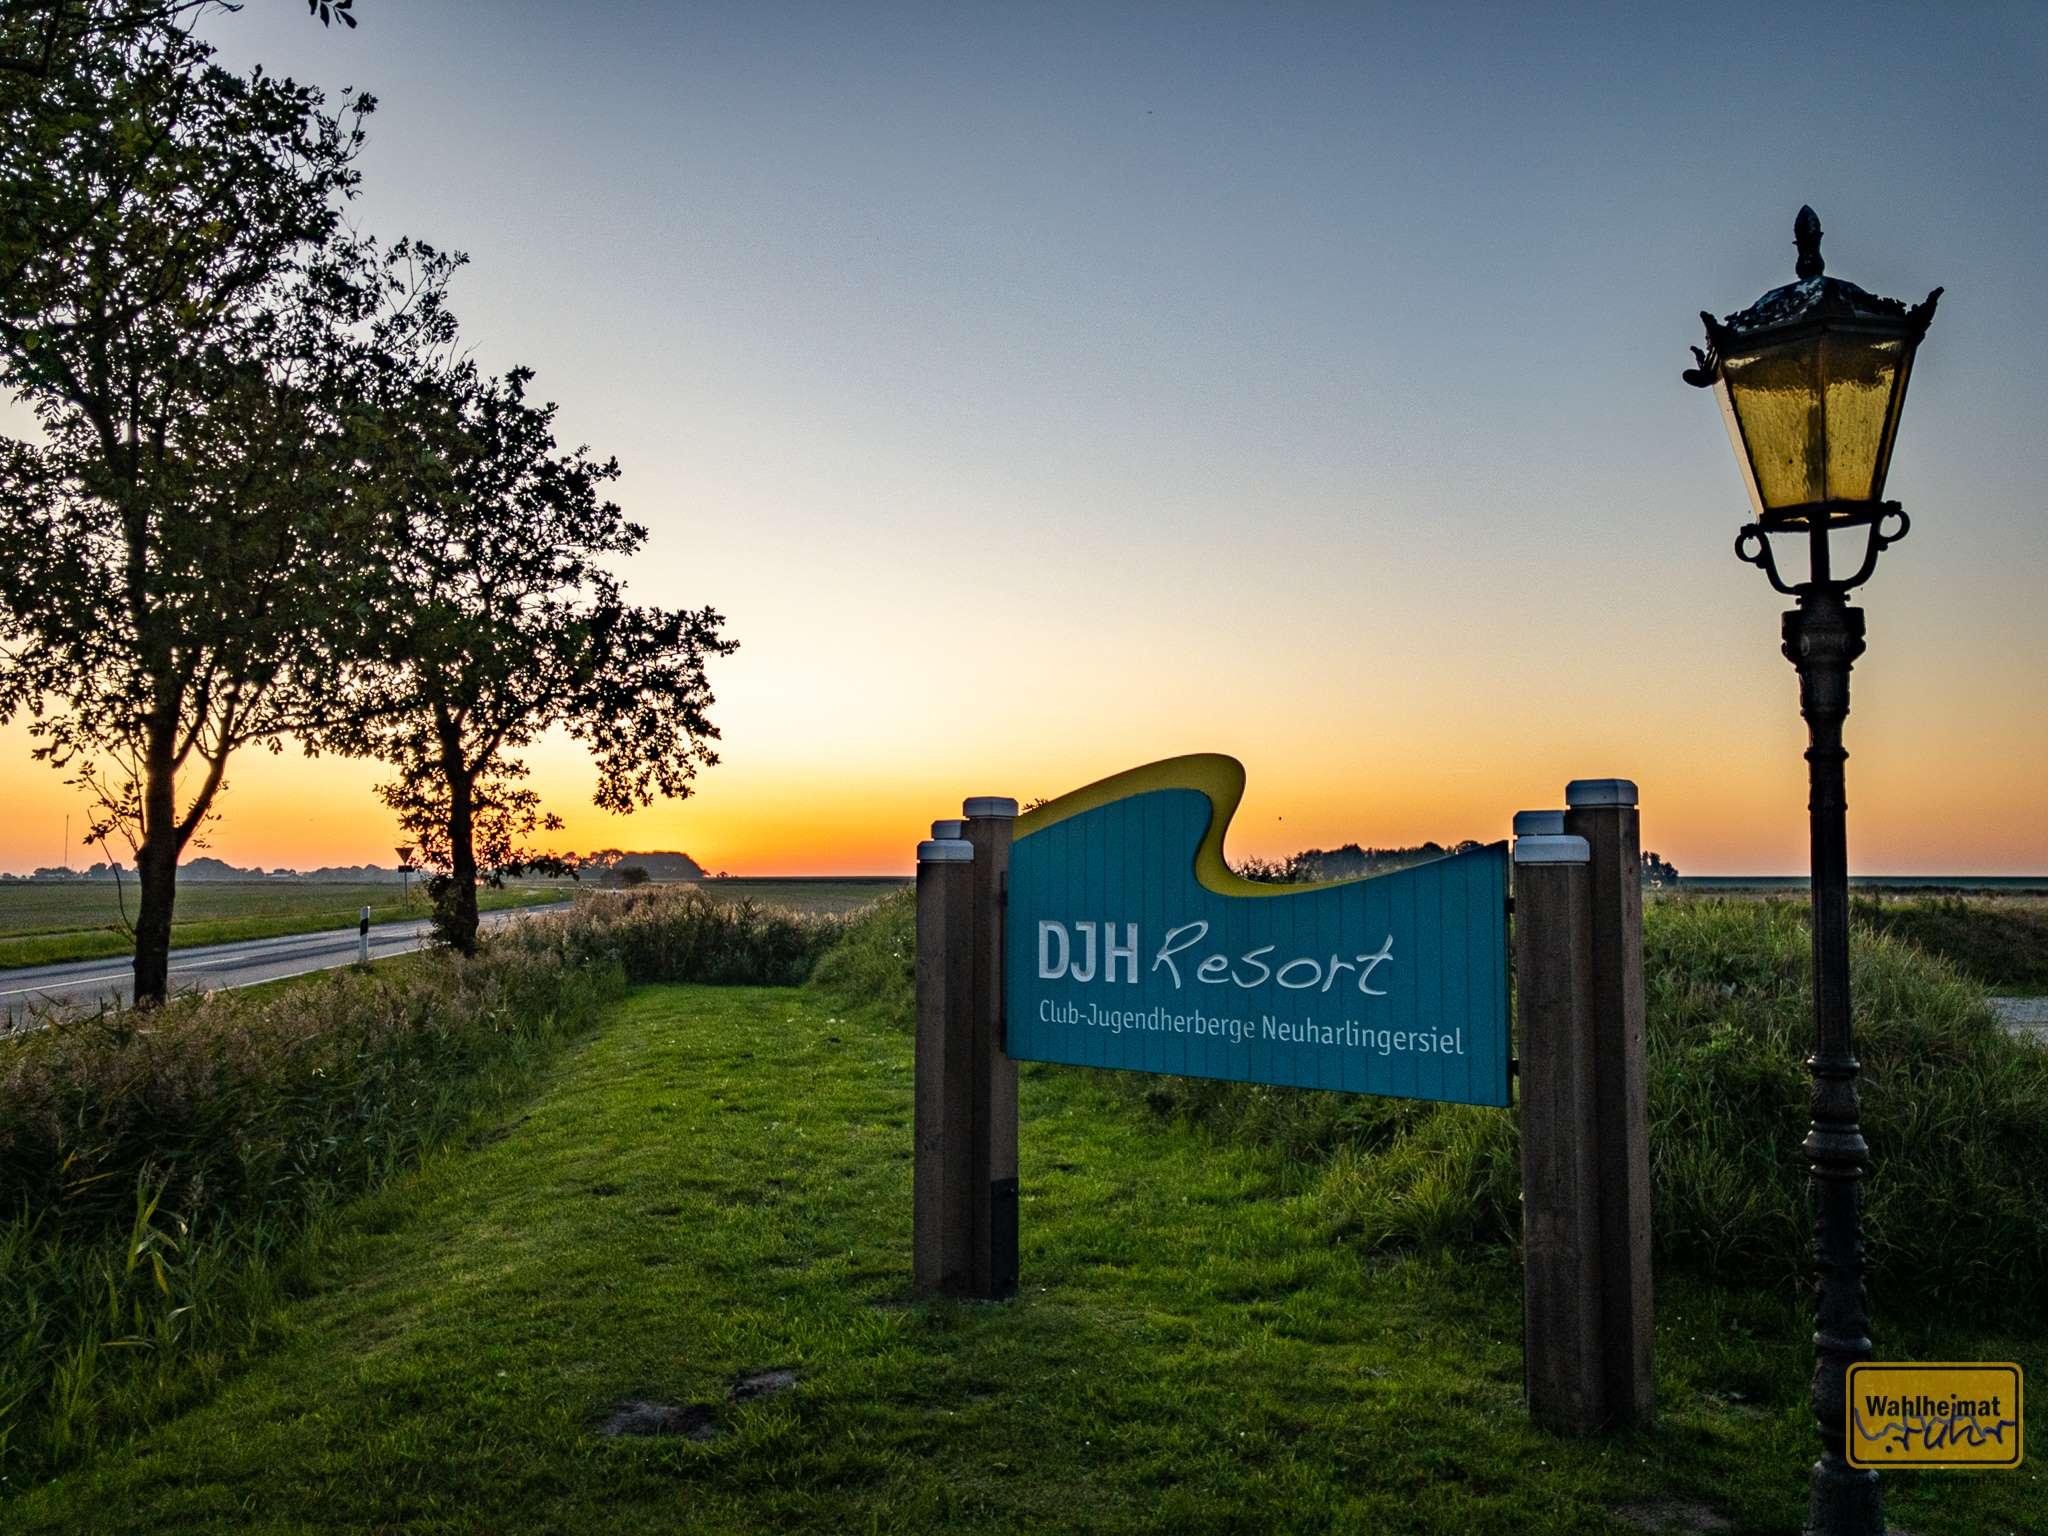 Hier lässt es sich gut mehrere Tage aushalten: die DJH Resort Club-Jugendherberge in Neuharlingersiel.